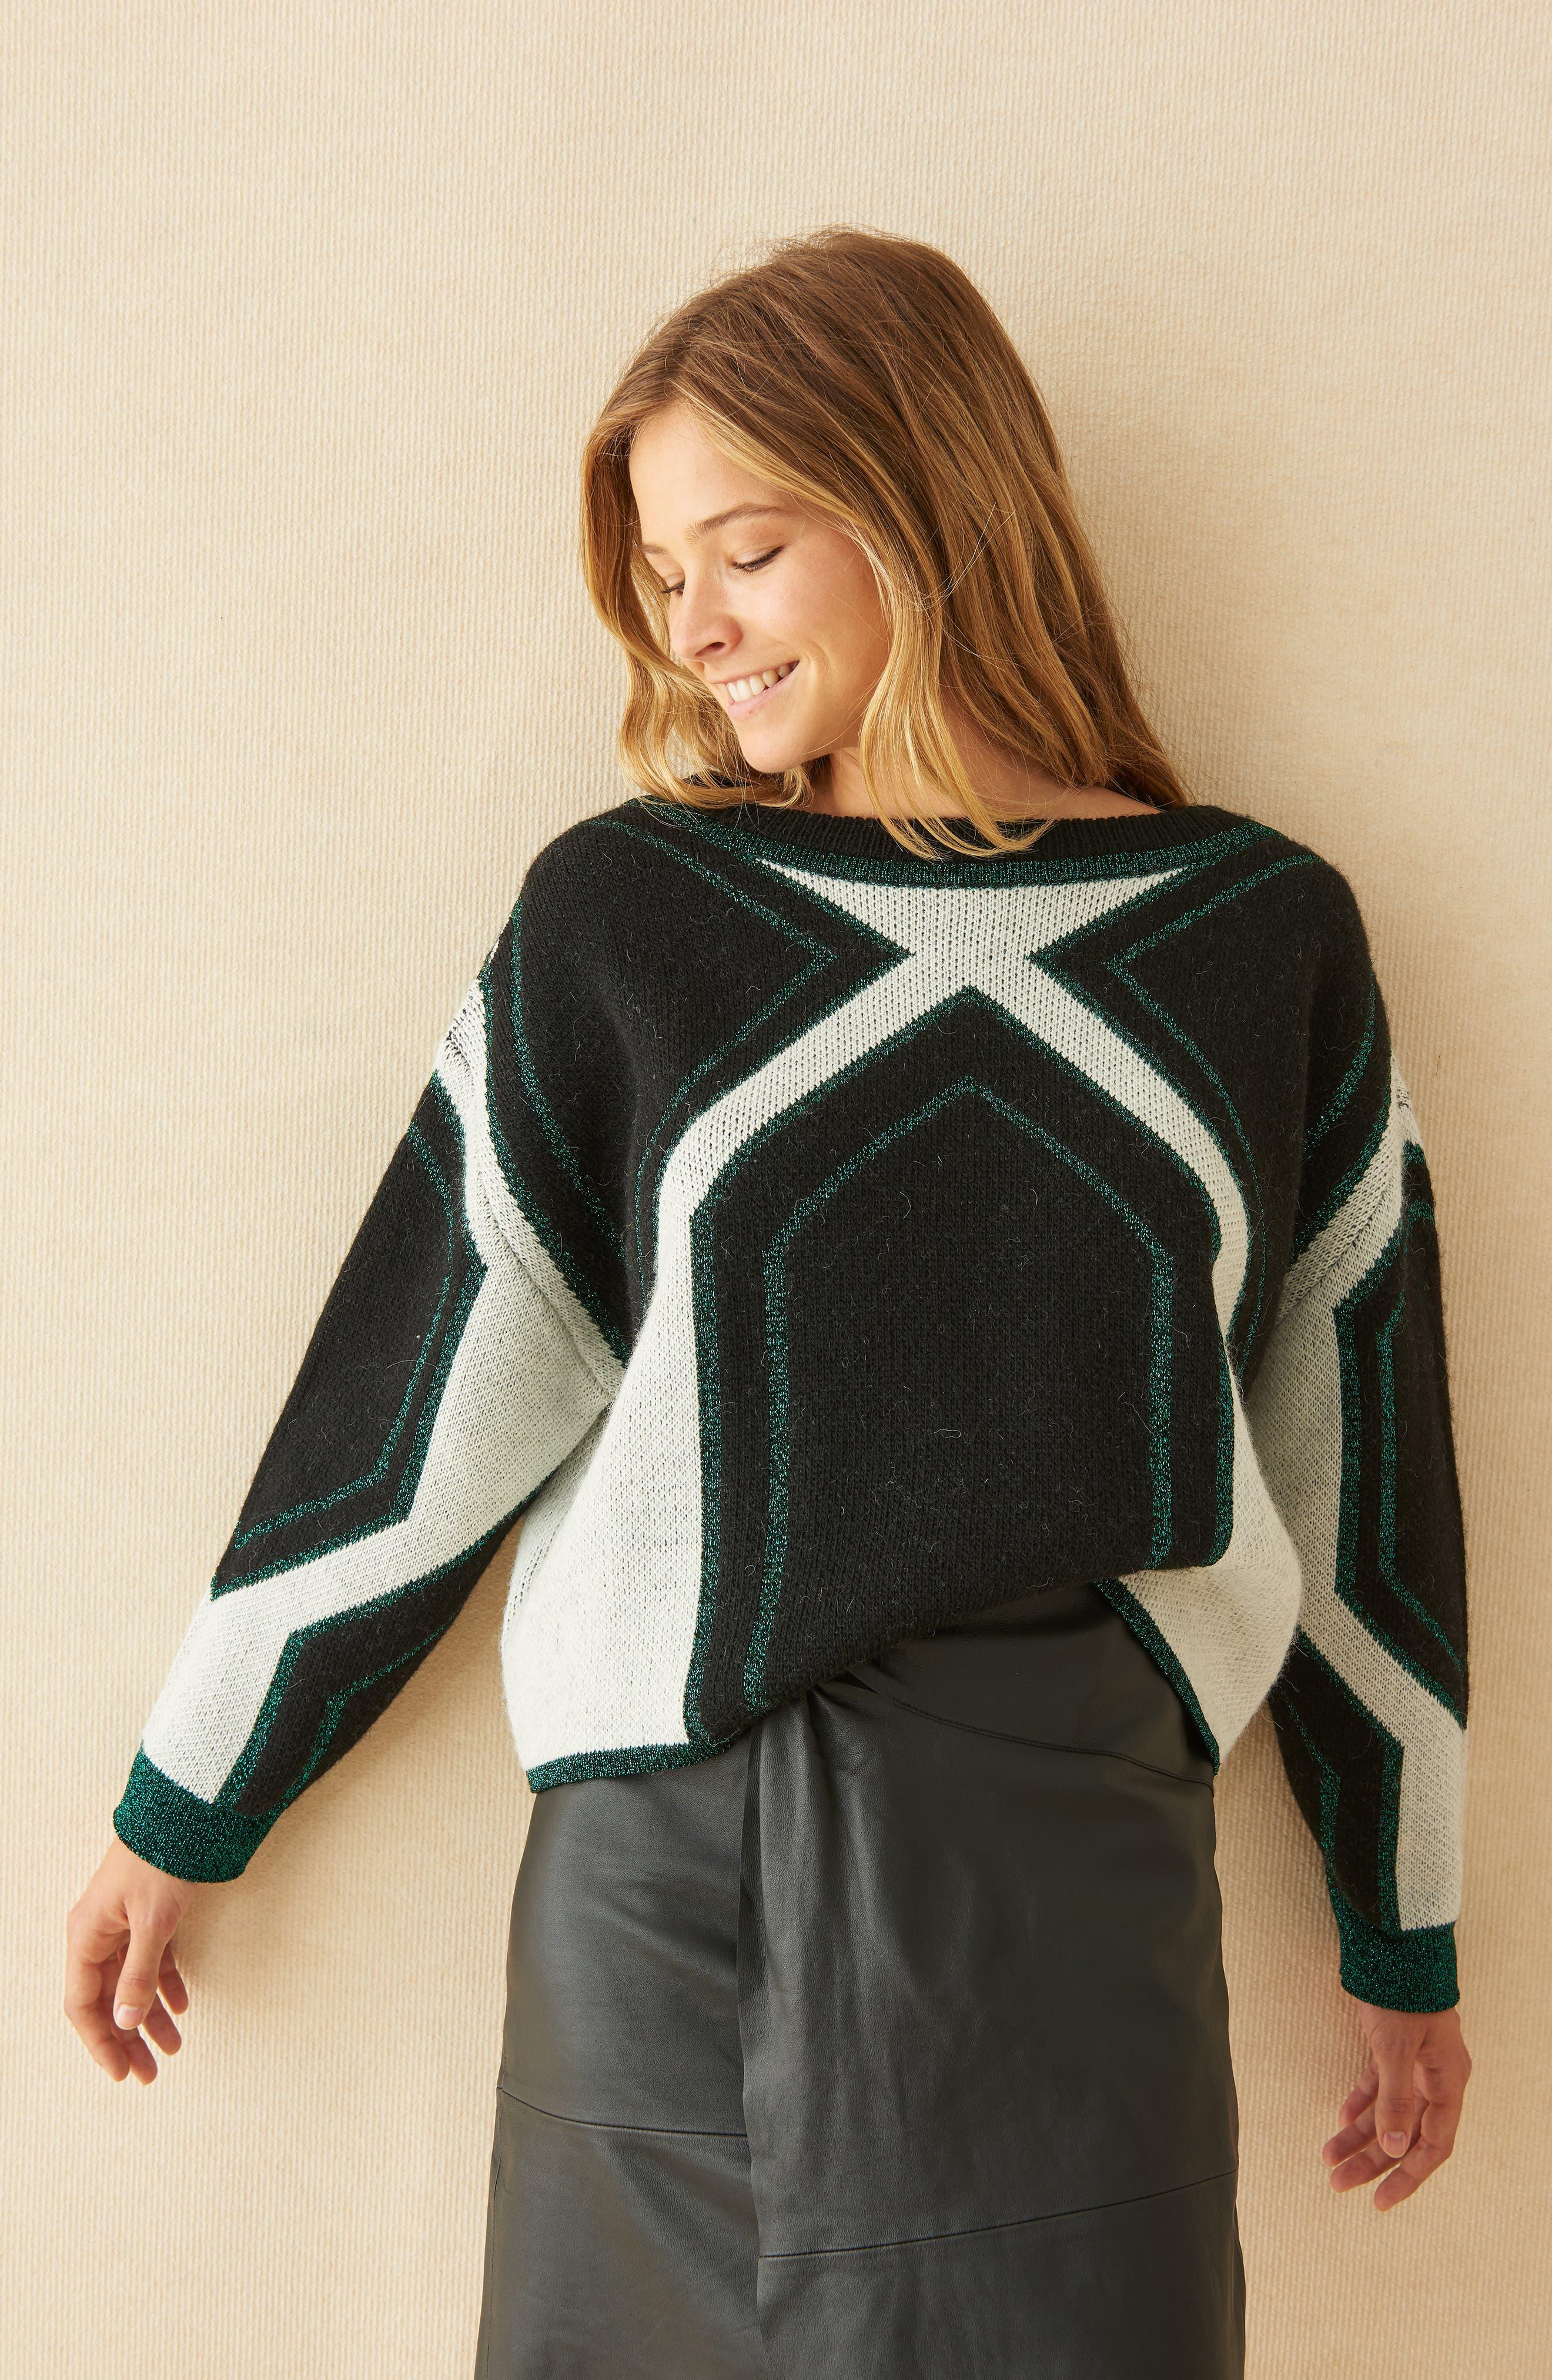 Velny Sweater,                             Alternate thumbnail 7, color,                             MULTI